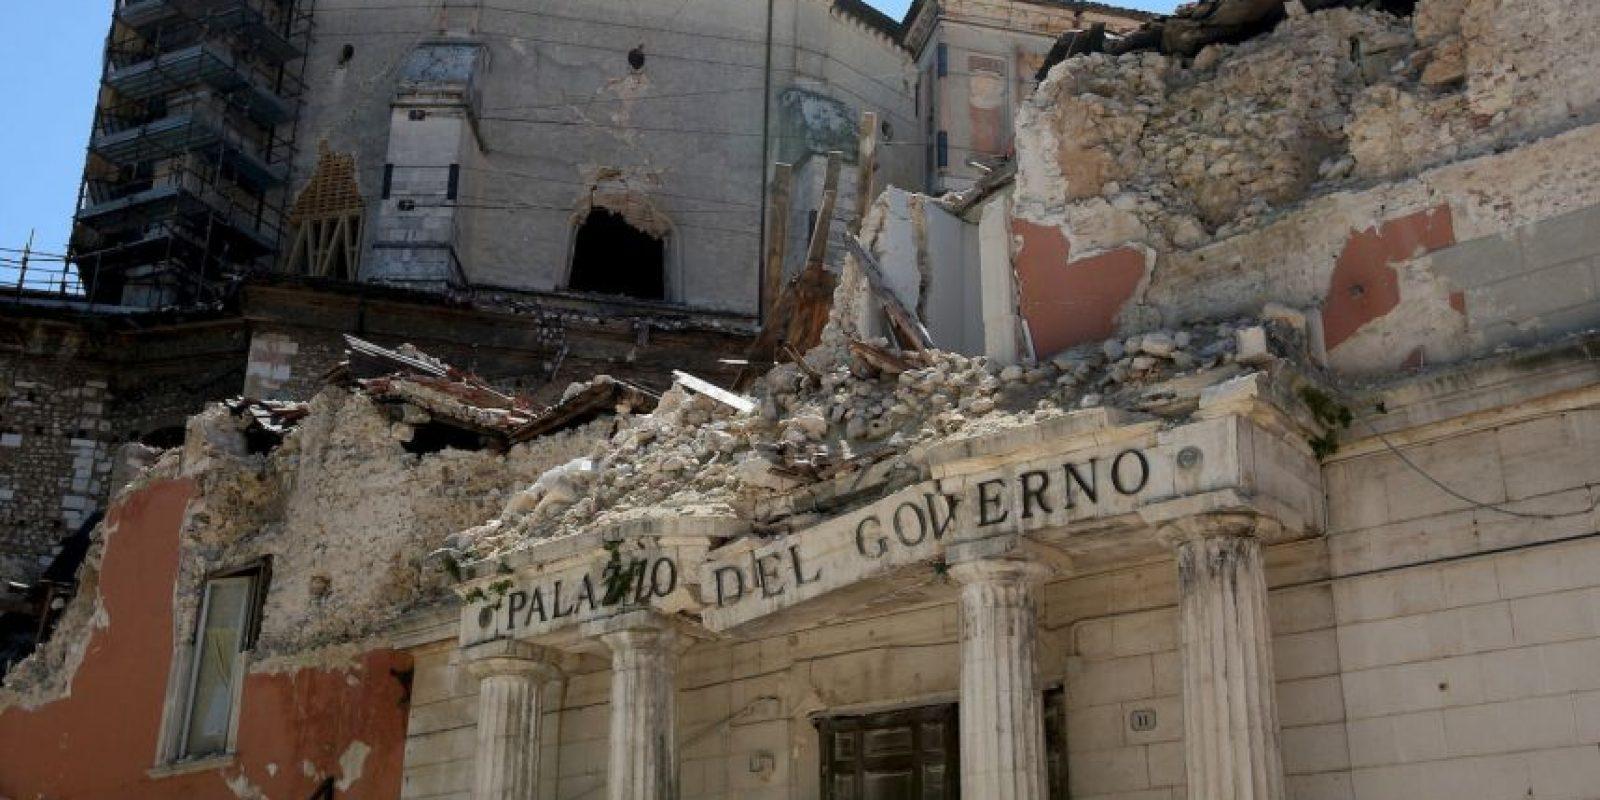 Italia recibió ayuda internacional para poder reconstruir la zona afectada. Foto:Getty